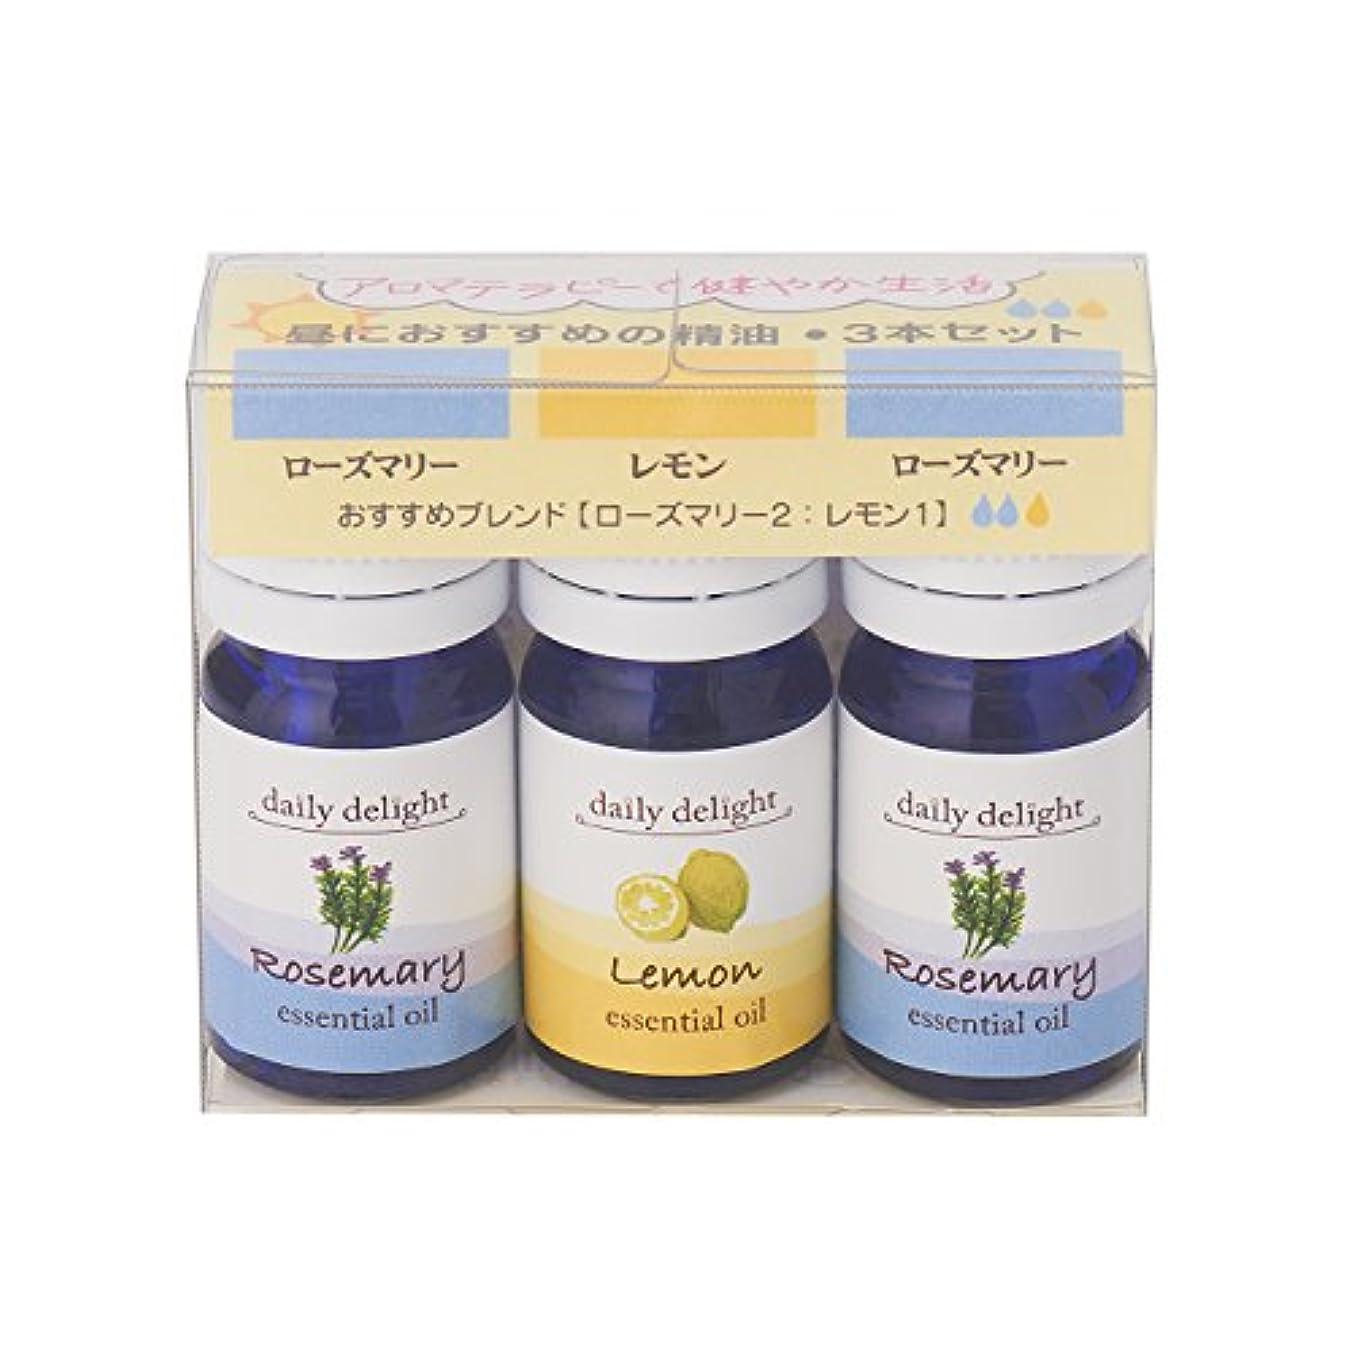 強度結晶パーフェルビッドデイリーディライト エッセンシャルオイル 昼におすすめの精油3本セット 3ml×3本(ローズマリー レモン)